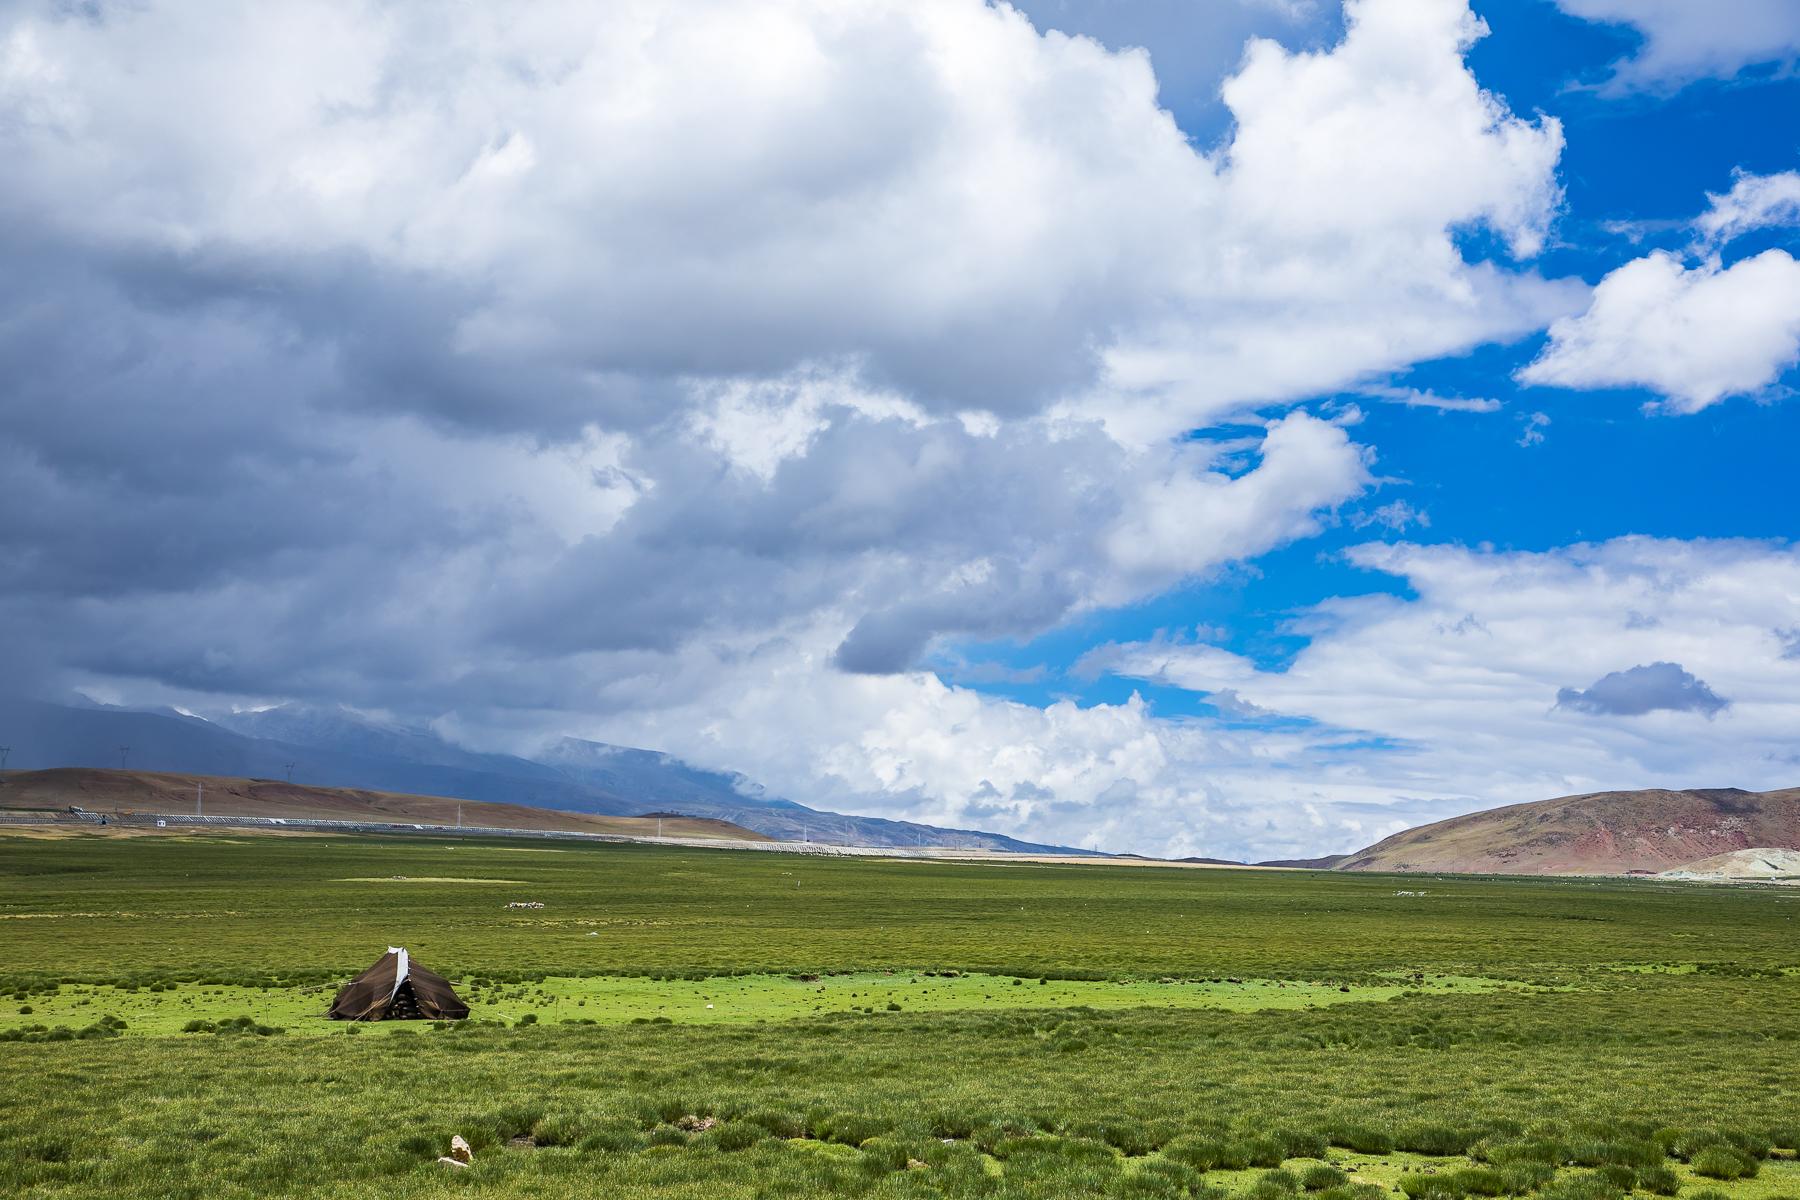 西藏5处绝美的旅行地,梵音袅袅,流水潺潺,这才是梦中的天堂